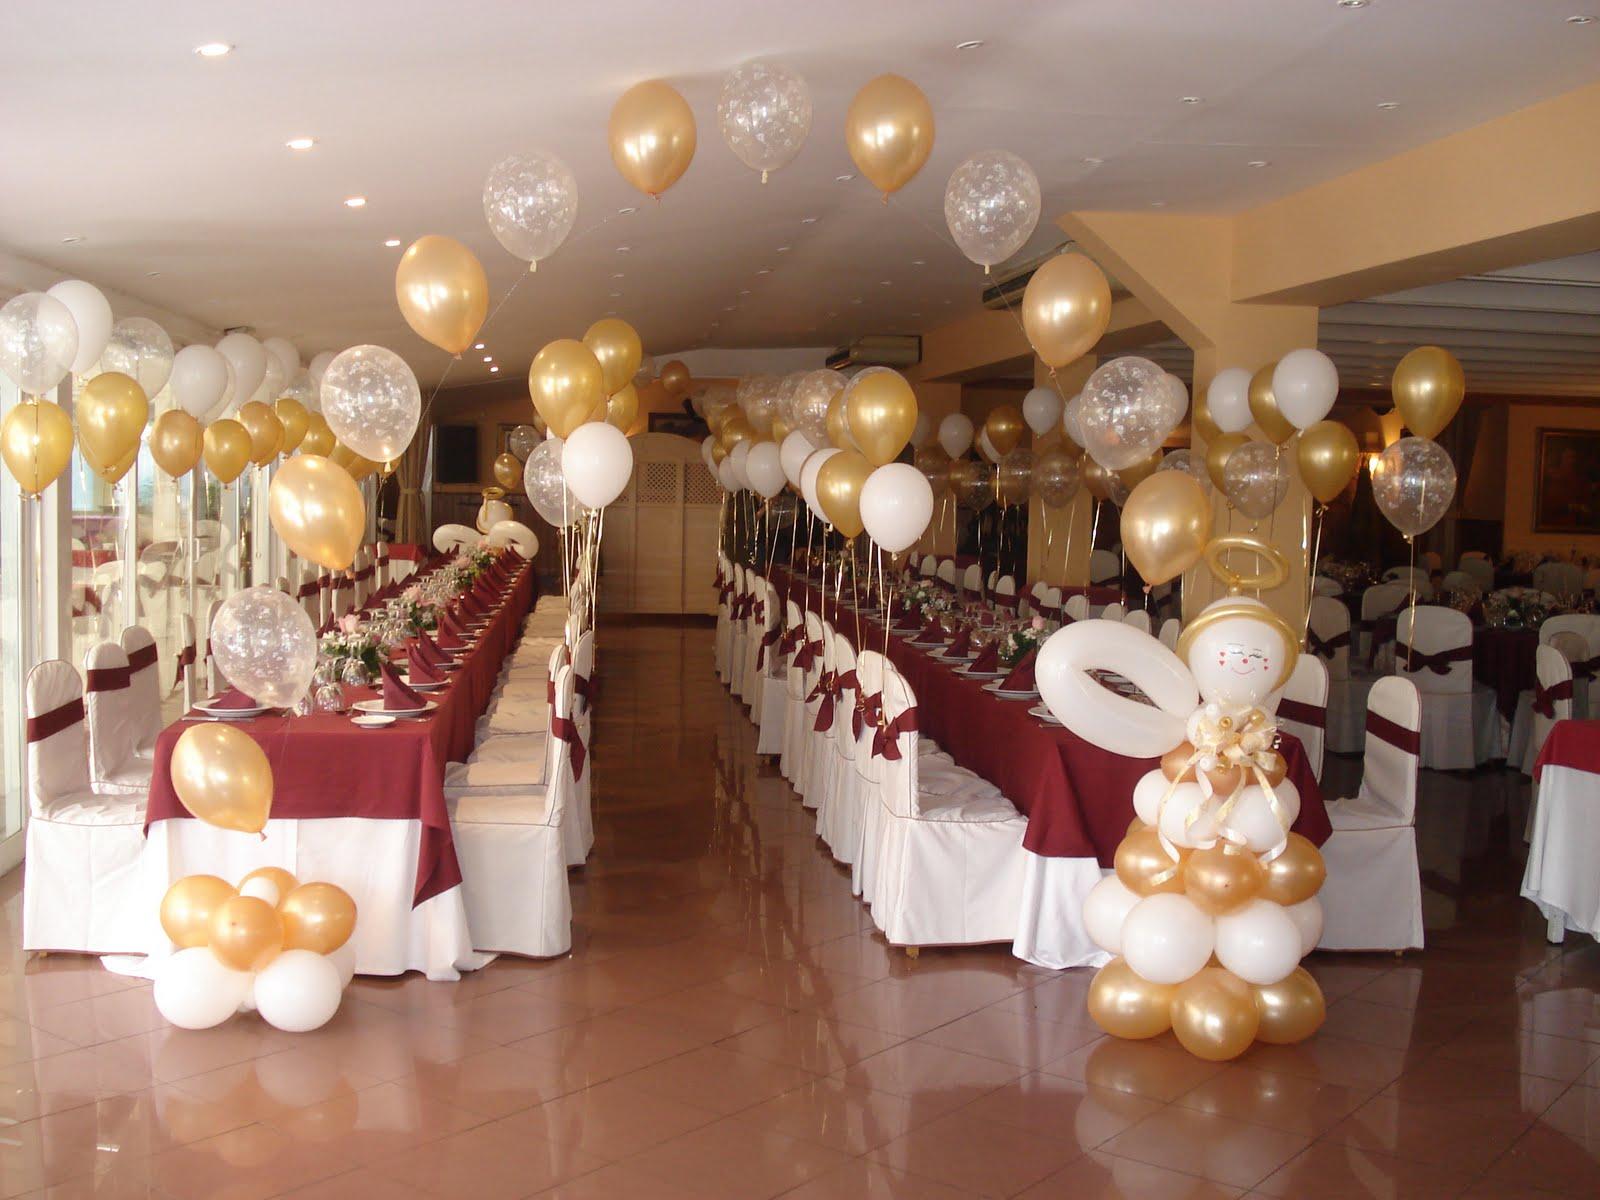 Decoracion con globos y articulos de fiesta decoracion for Decoraciones internas